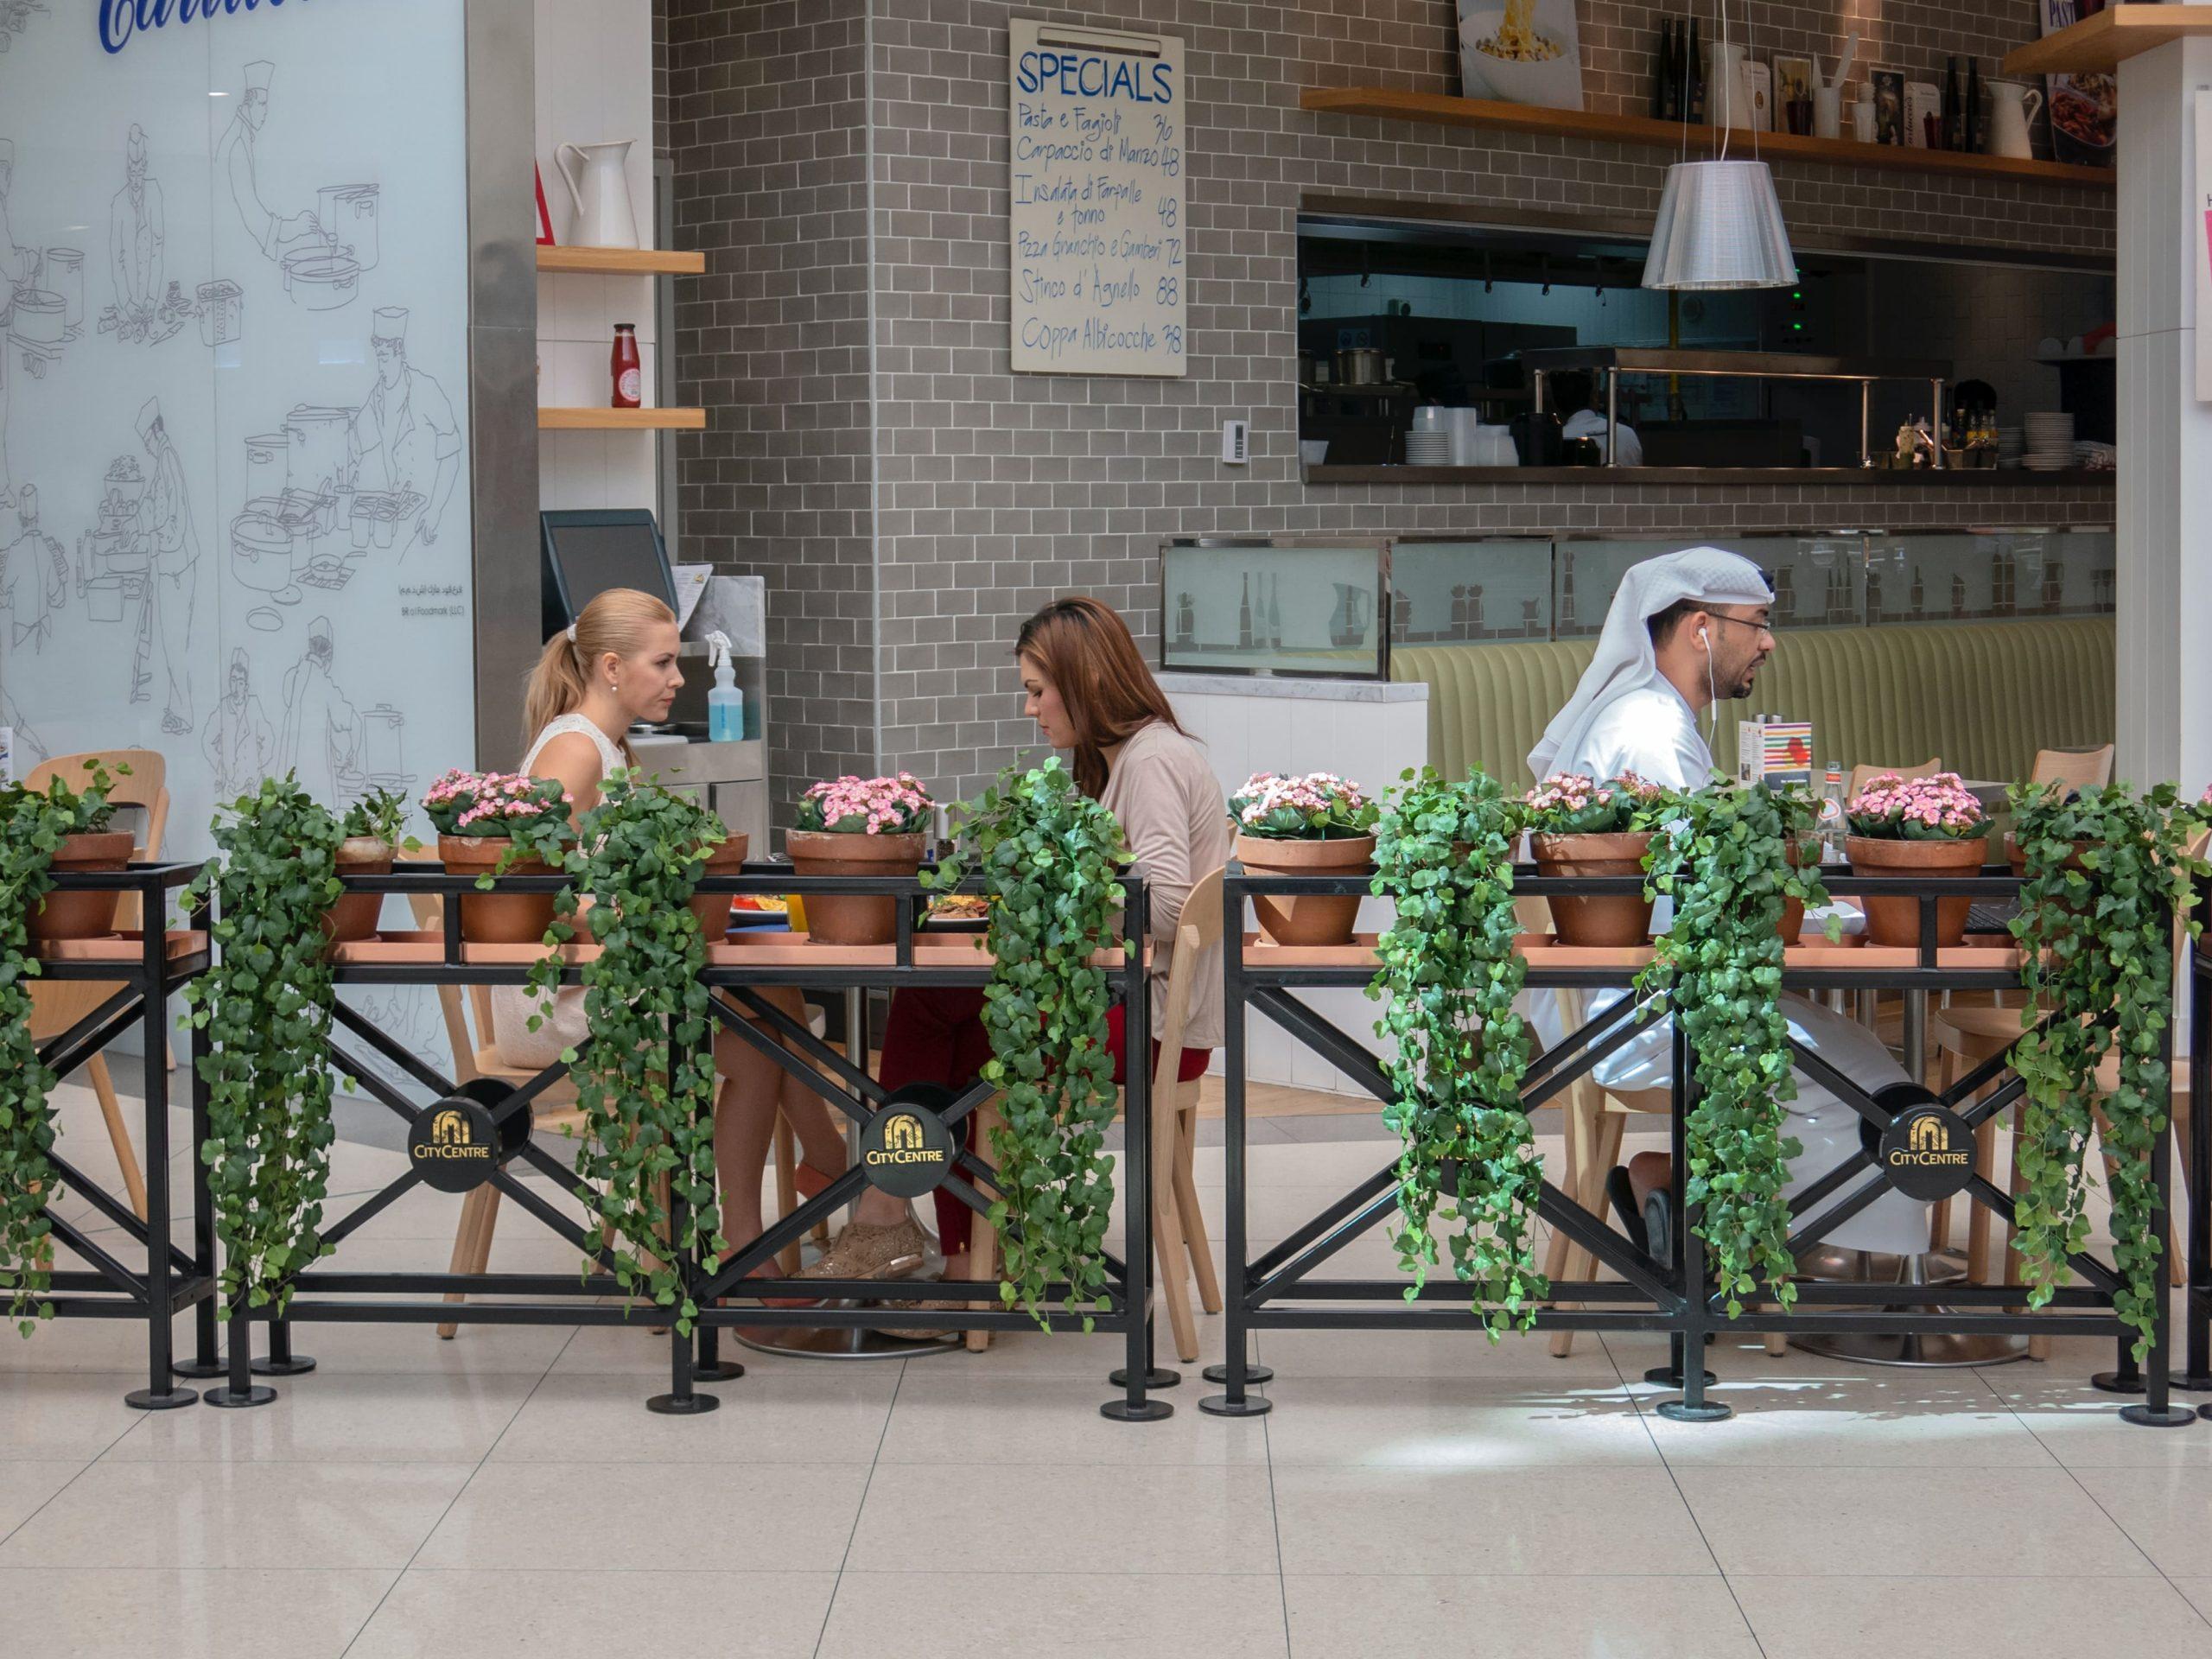 در سفر به عمان صرف غذا در رستورانهای عمانی تجربه ایی به یاد ماندنی است